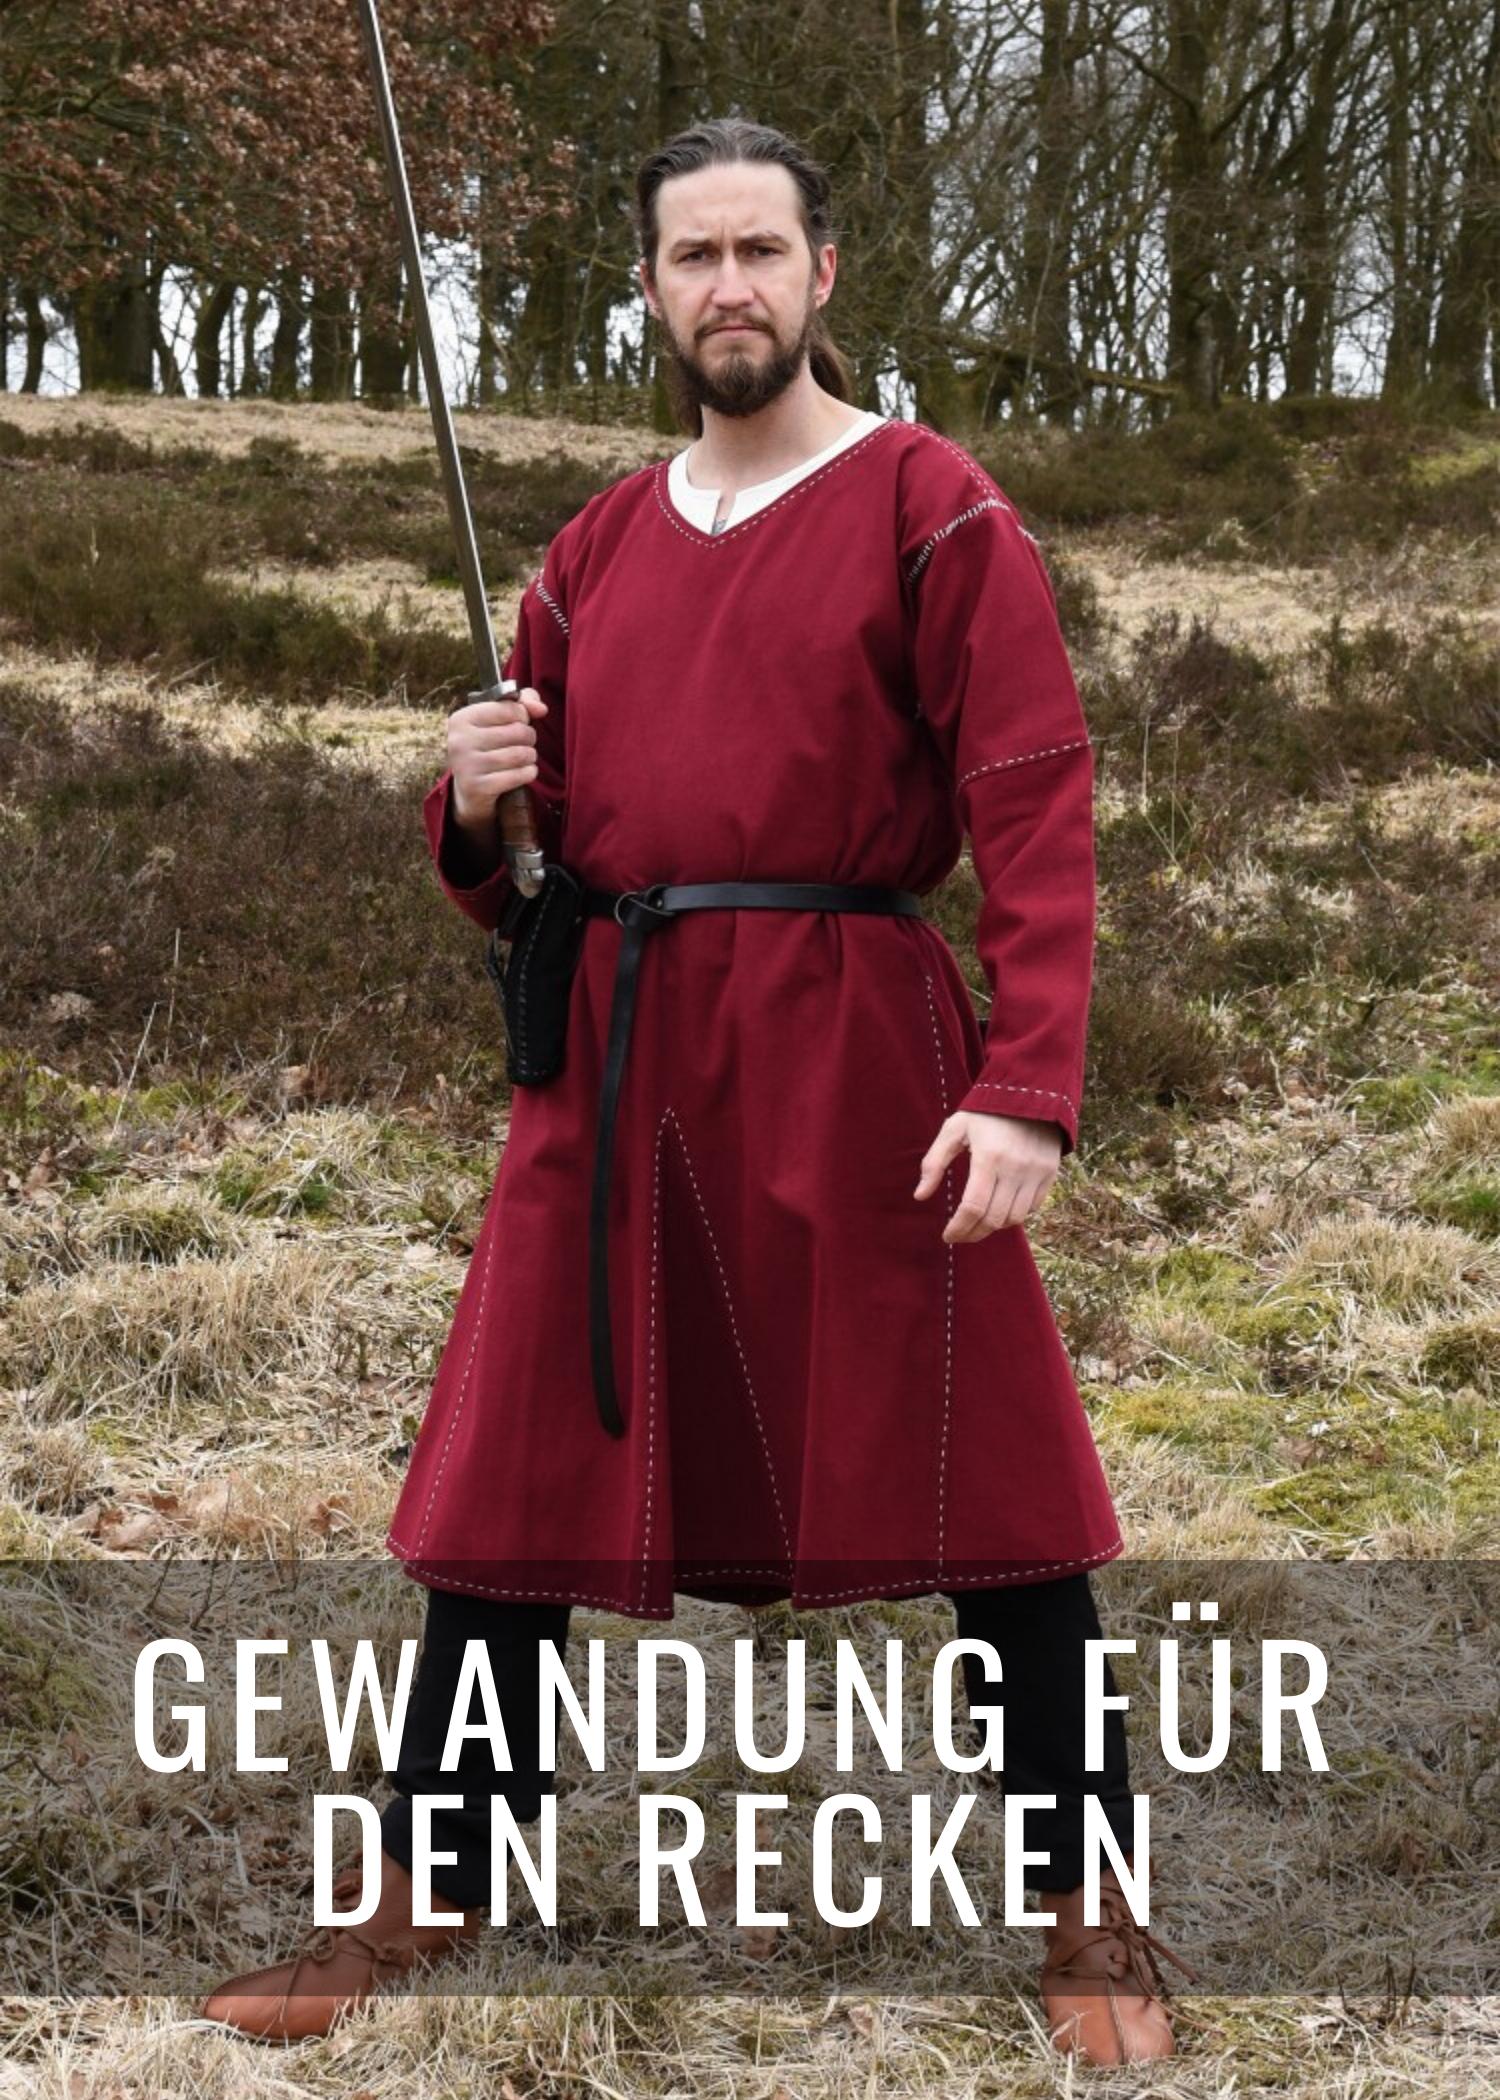 Mittelalter Kleidung für Männer